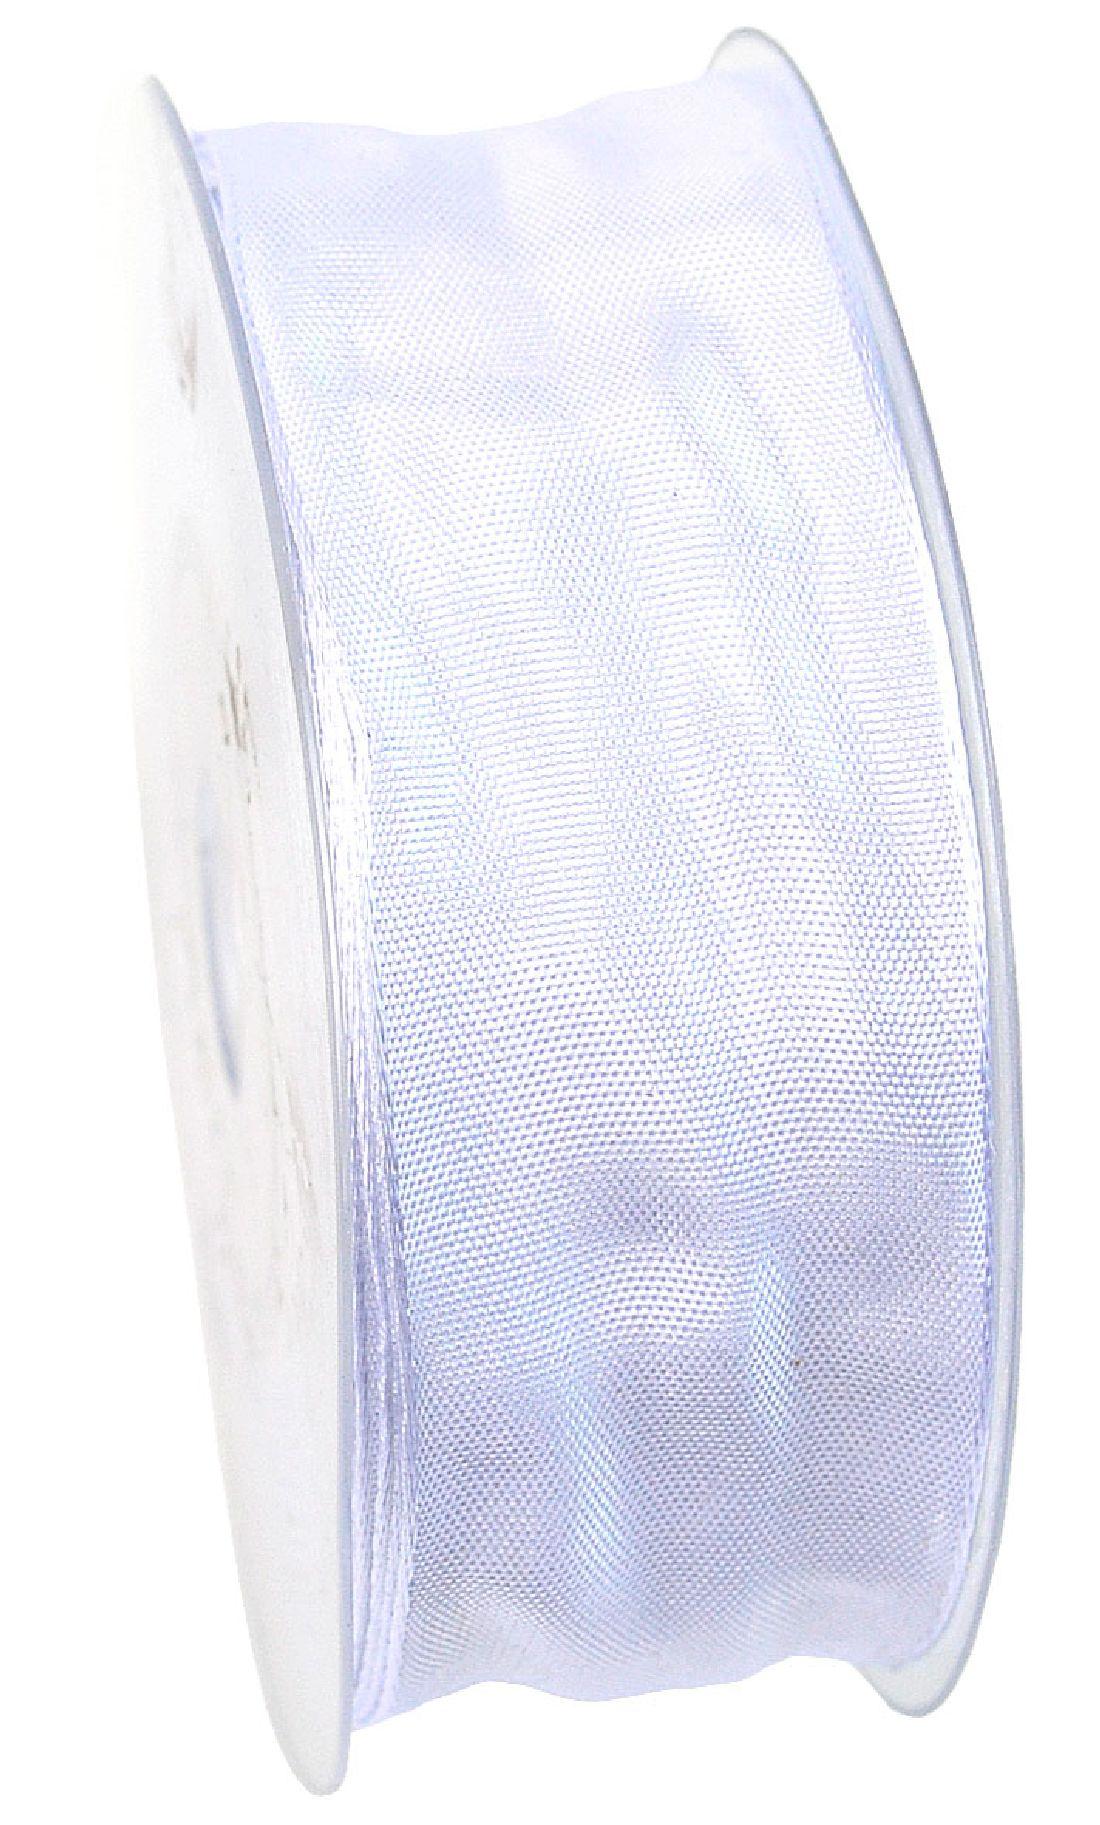 Drahtkantenband WEISS 01 40mm 25m